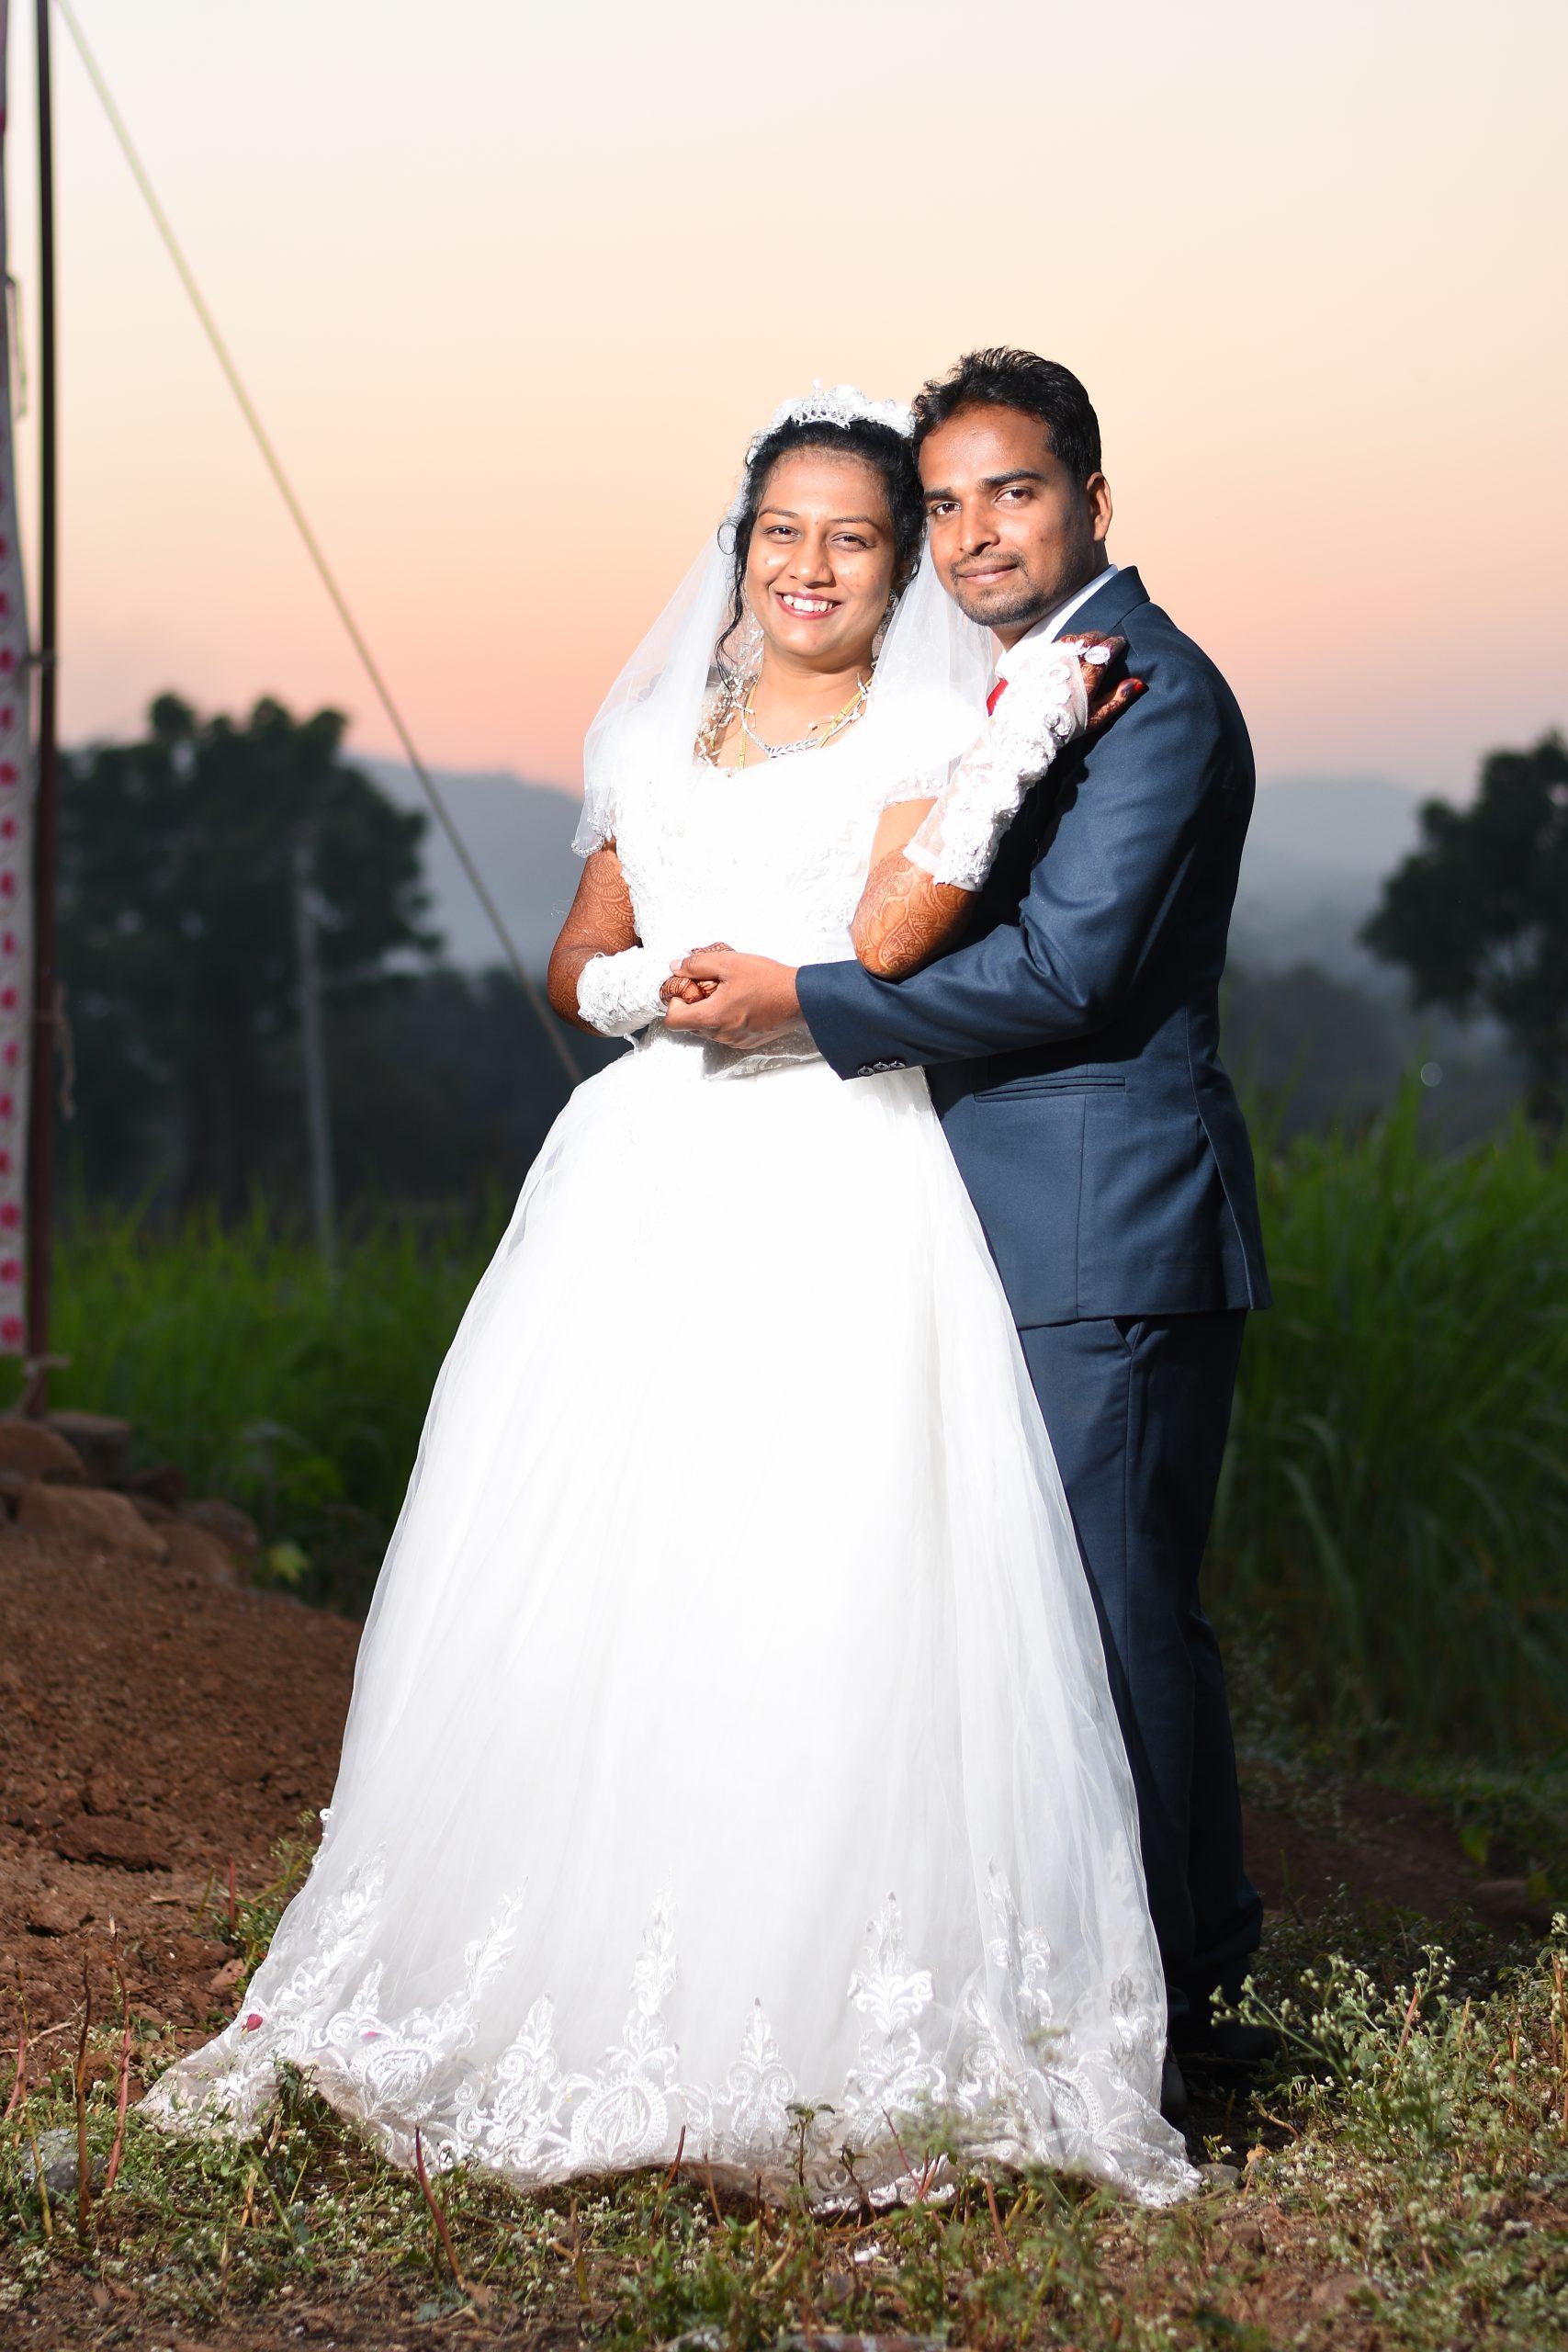 A Christian couple